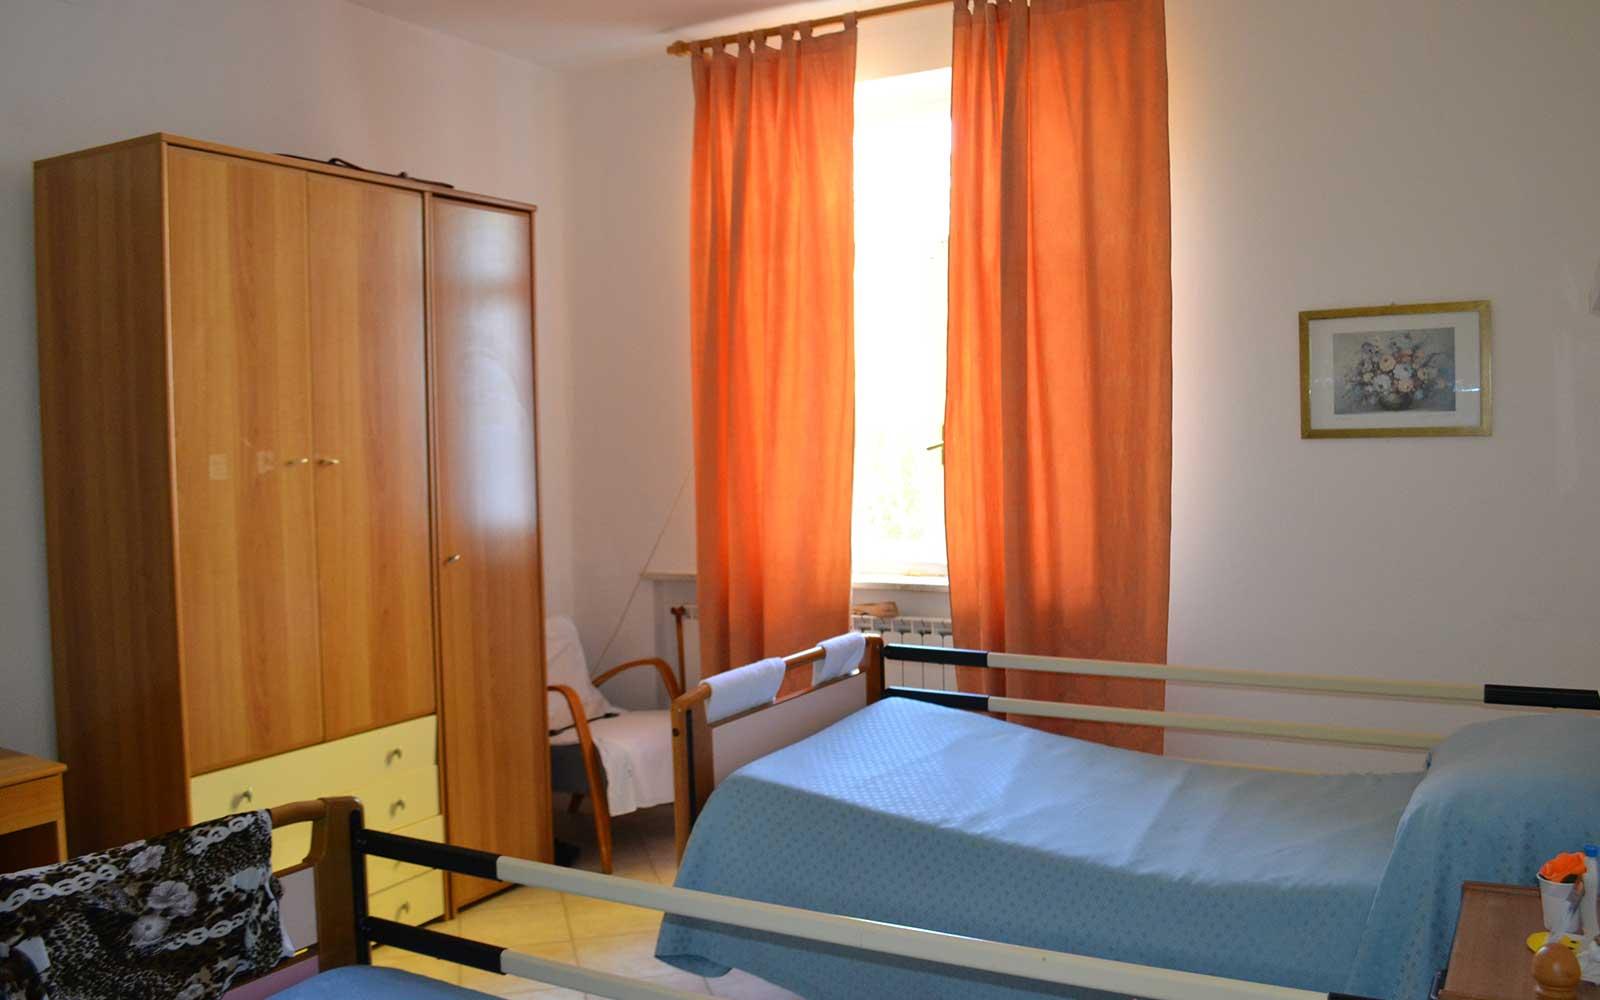 una camera con due letti ospedalieri e un armadio in legno